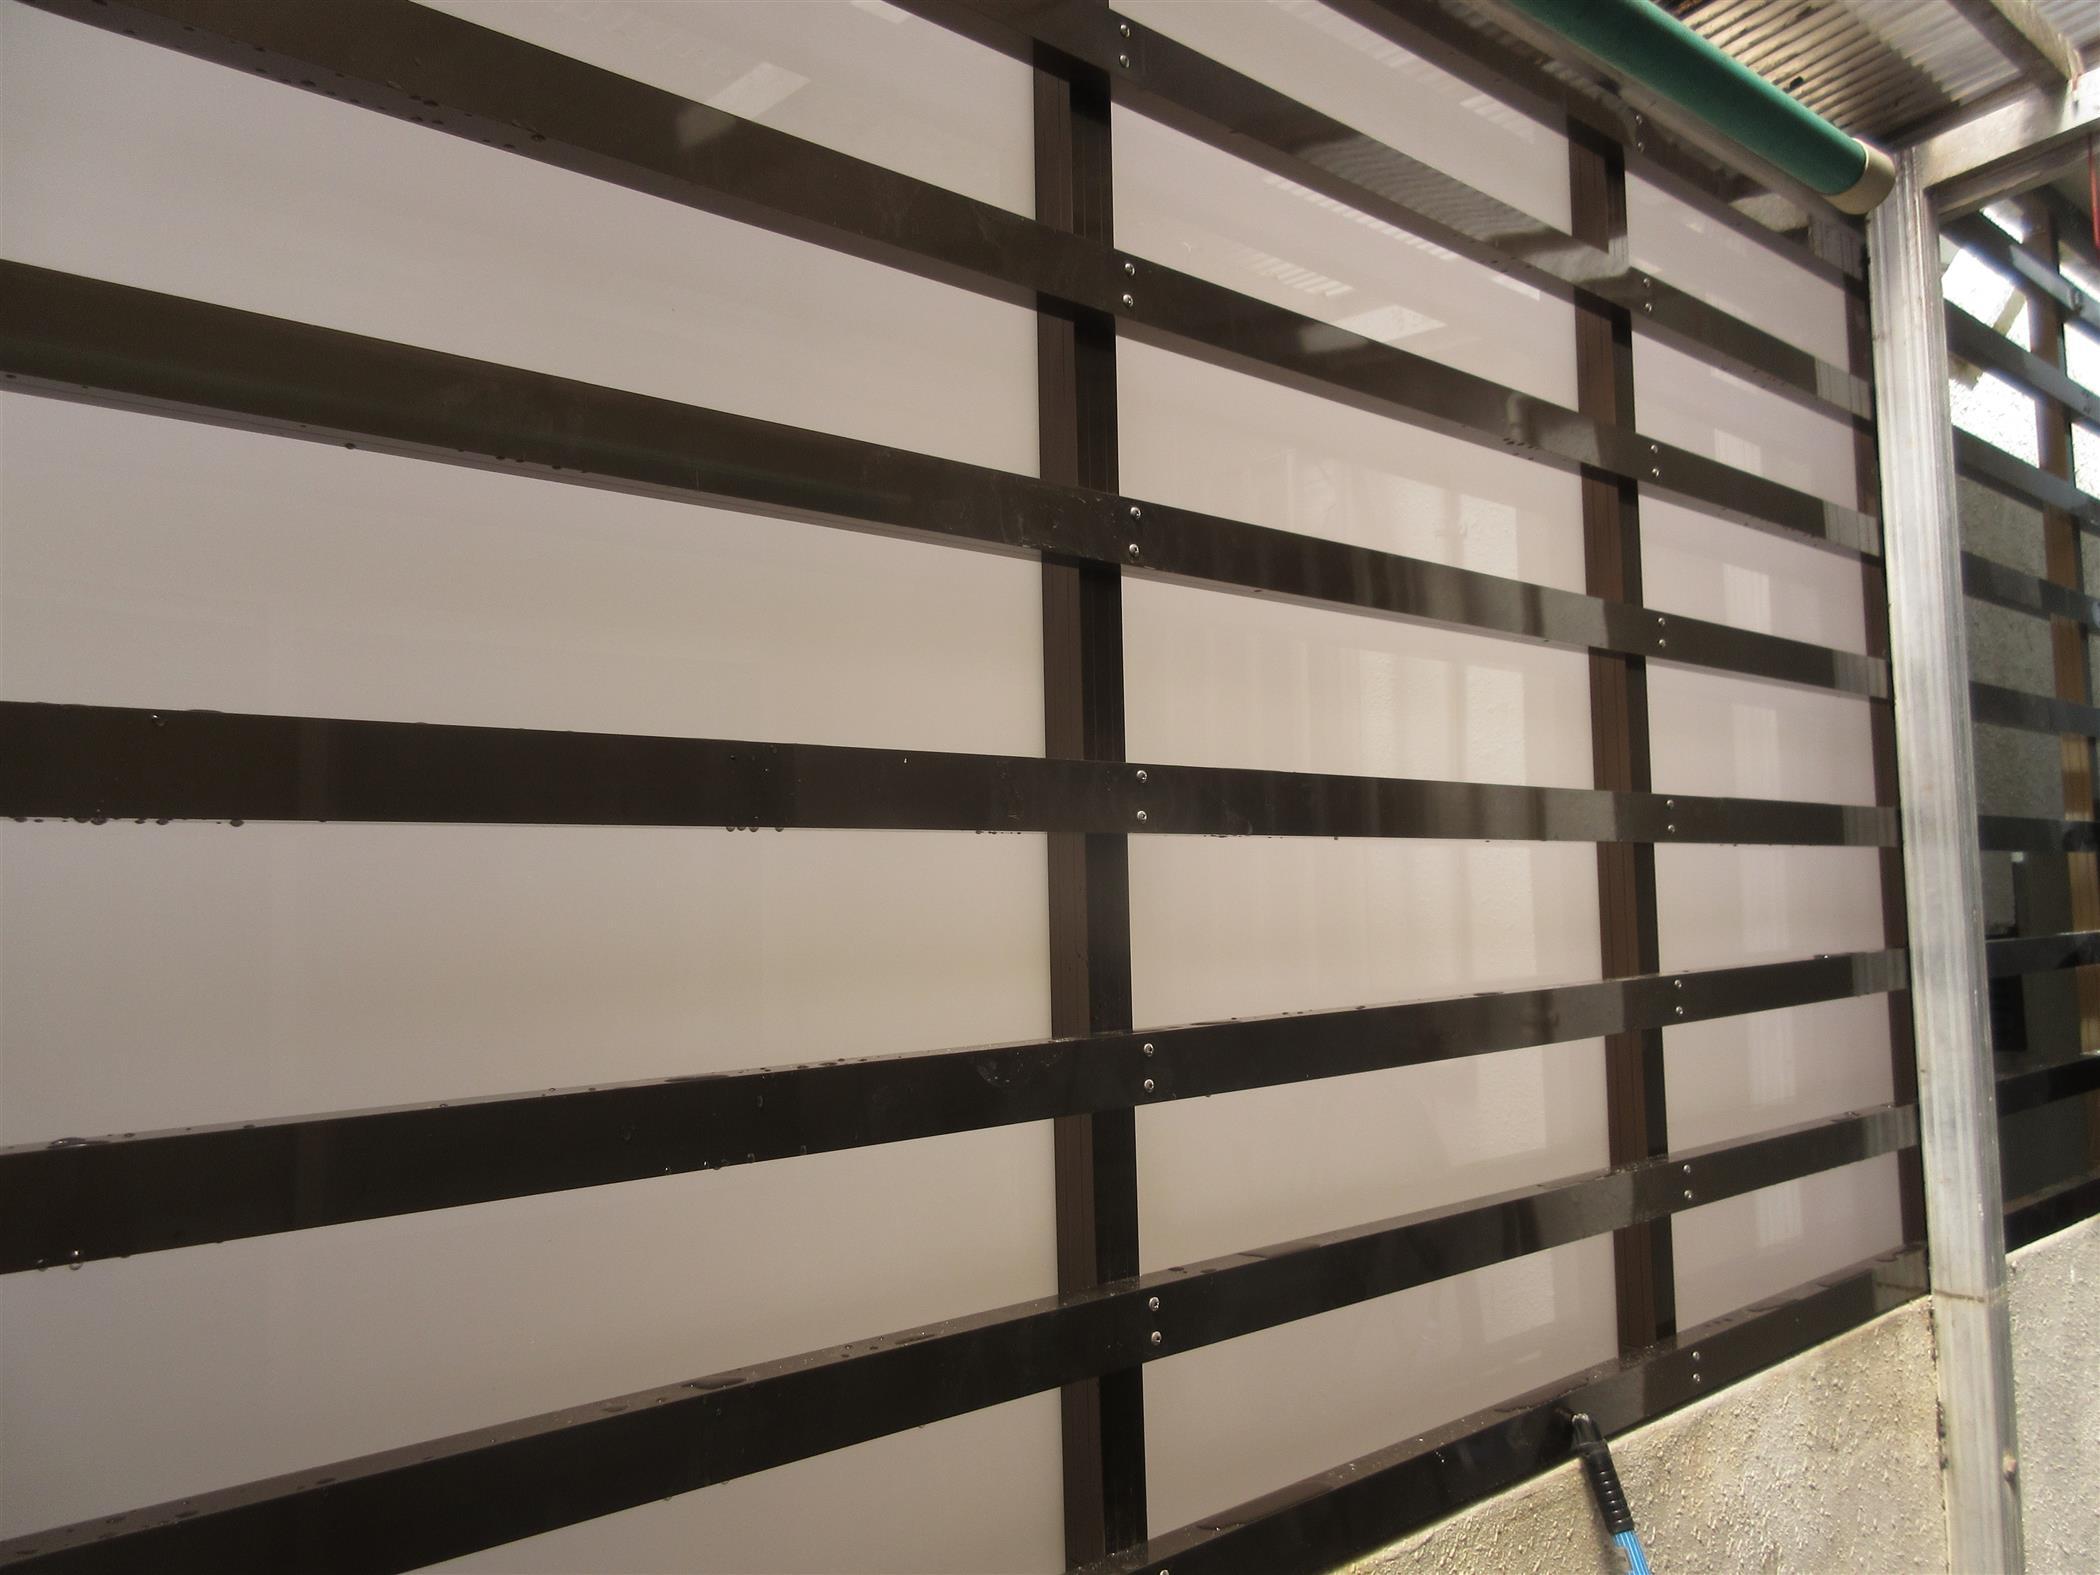 目隠しフェンス設置工事(リフォーム施工事例)を公開しました。   沖縄や那覇でリフォームするなら【株式会社 あうん工房】